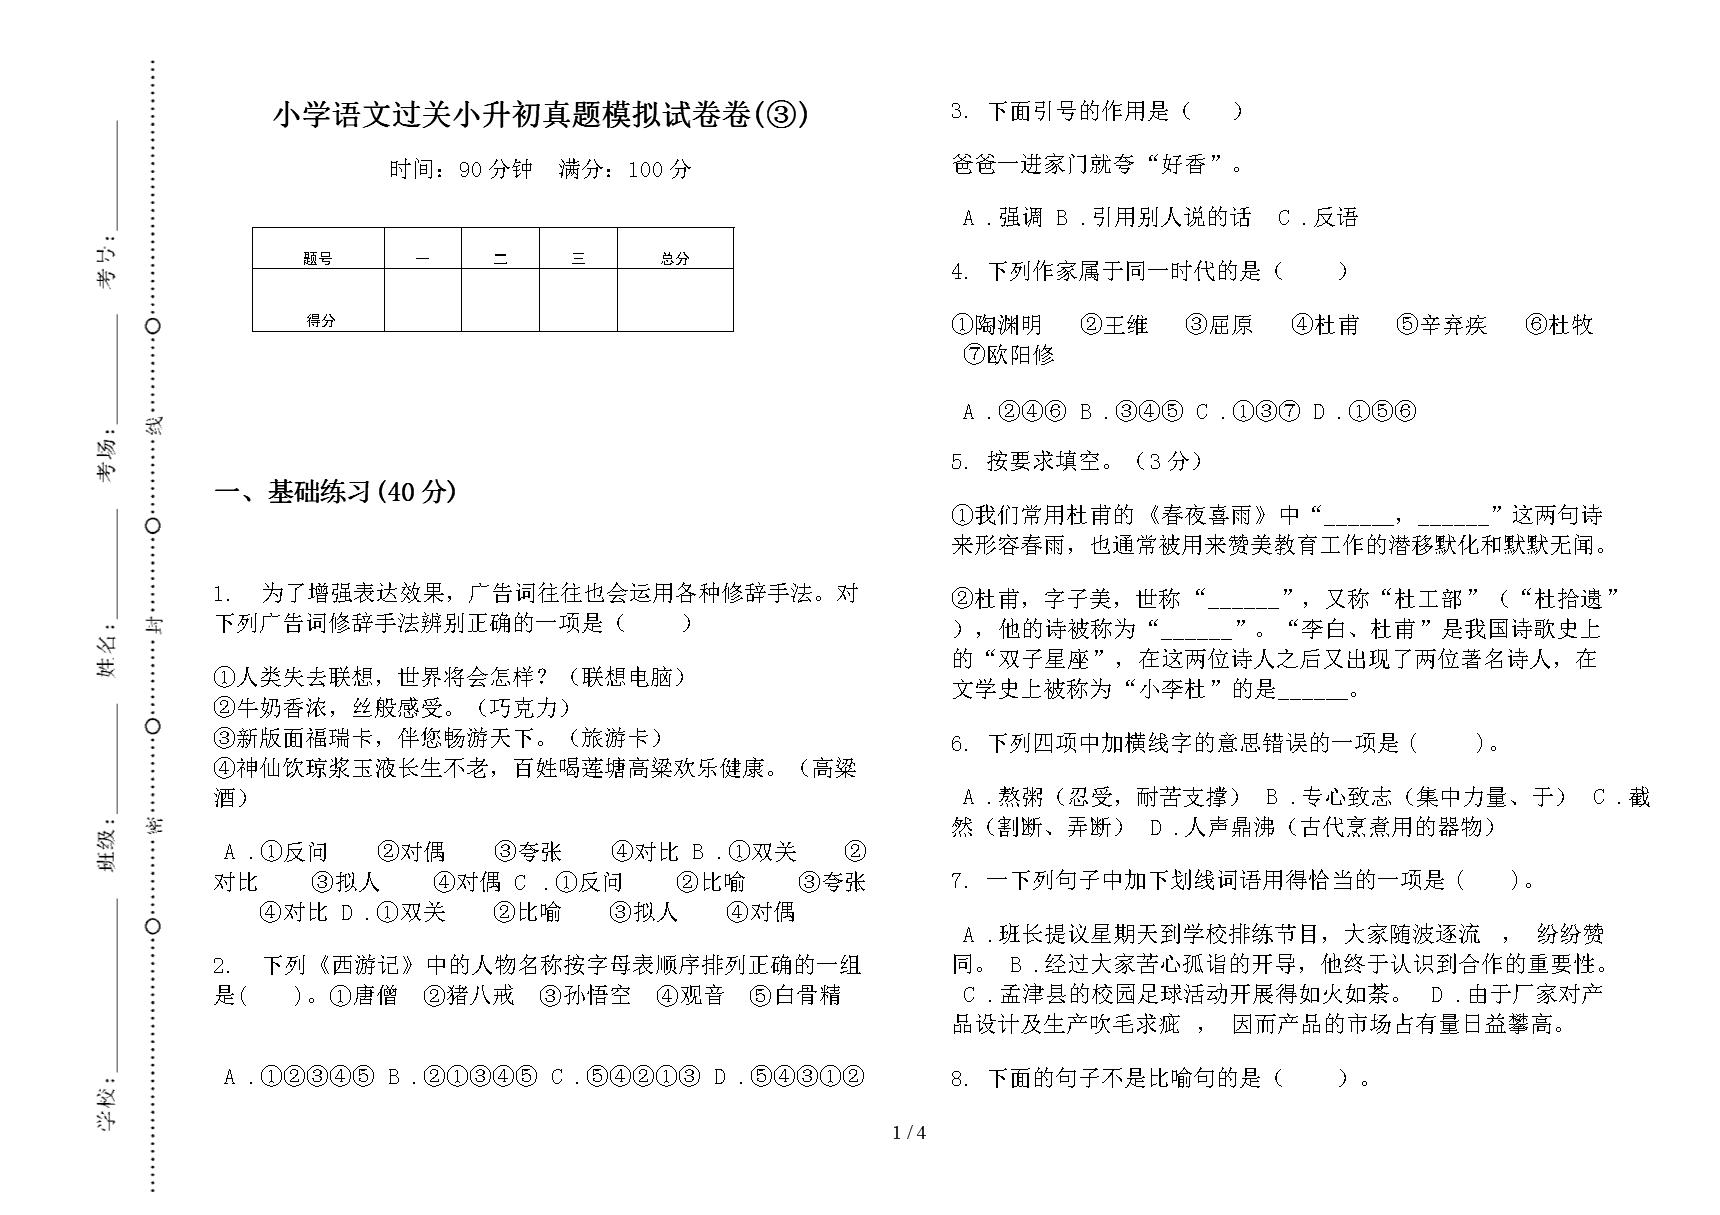 小学语文过关小升初真题模拟试卷卷(③).docx